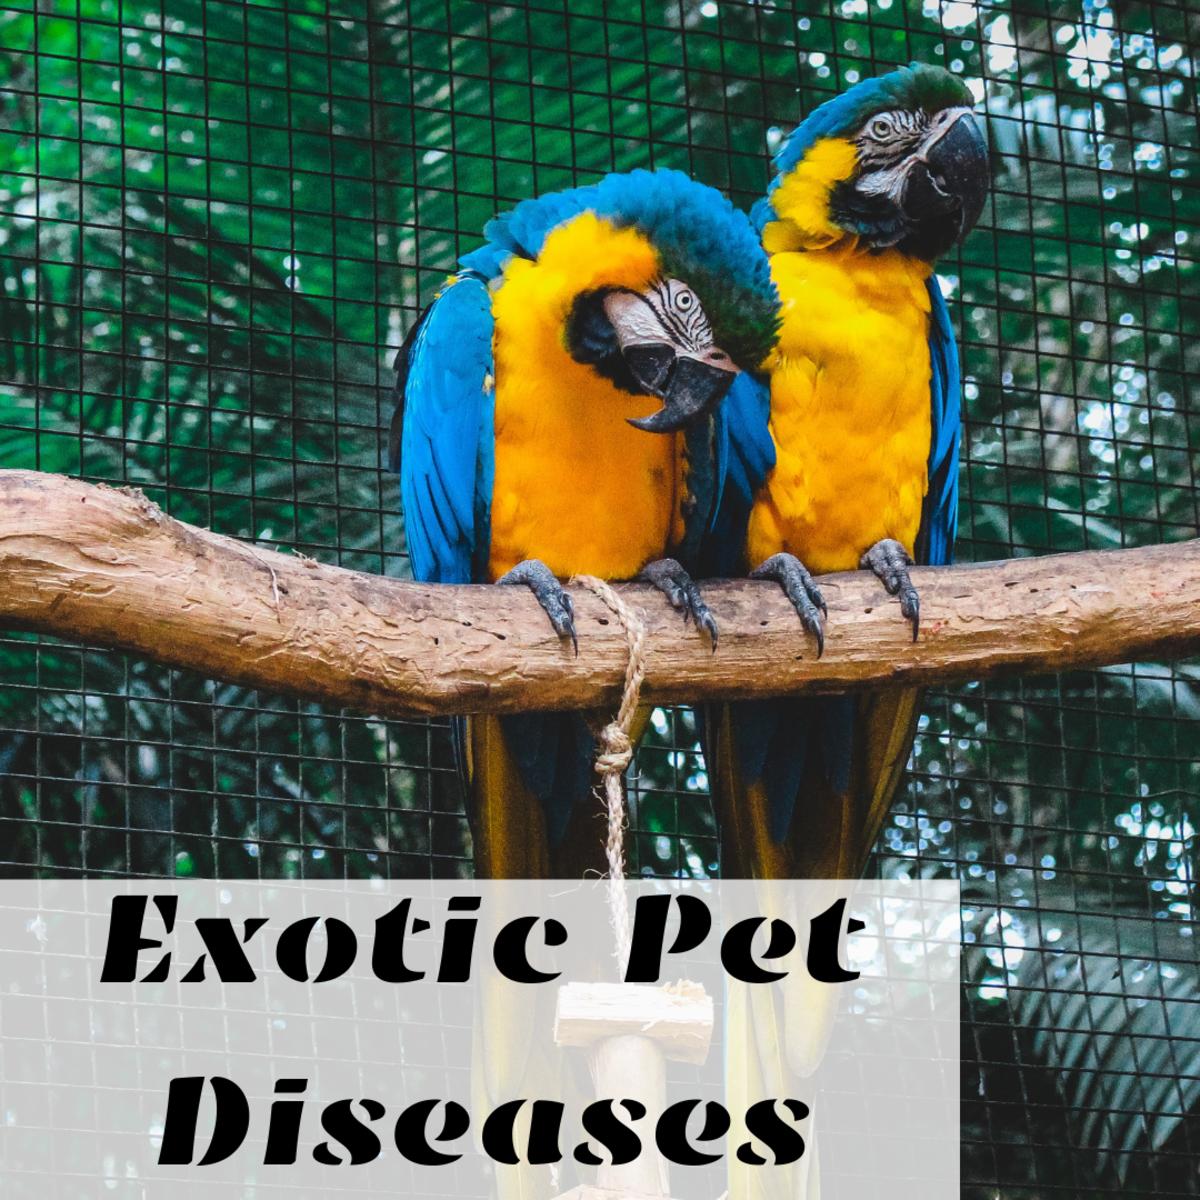 Exotic Pet Diseases